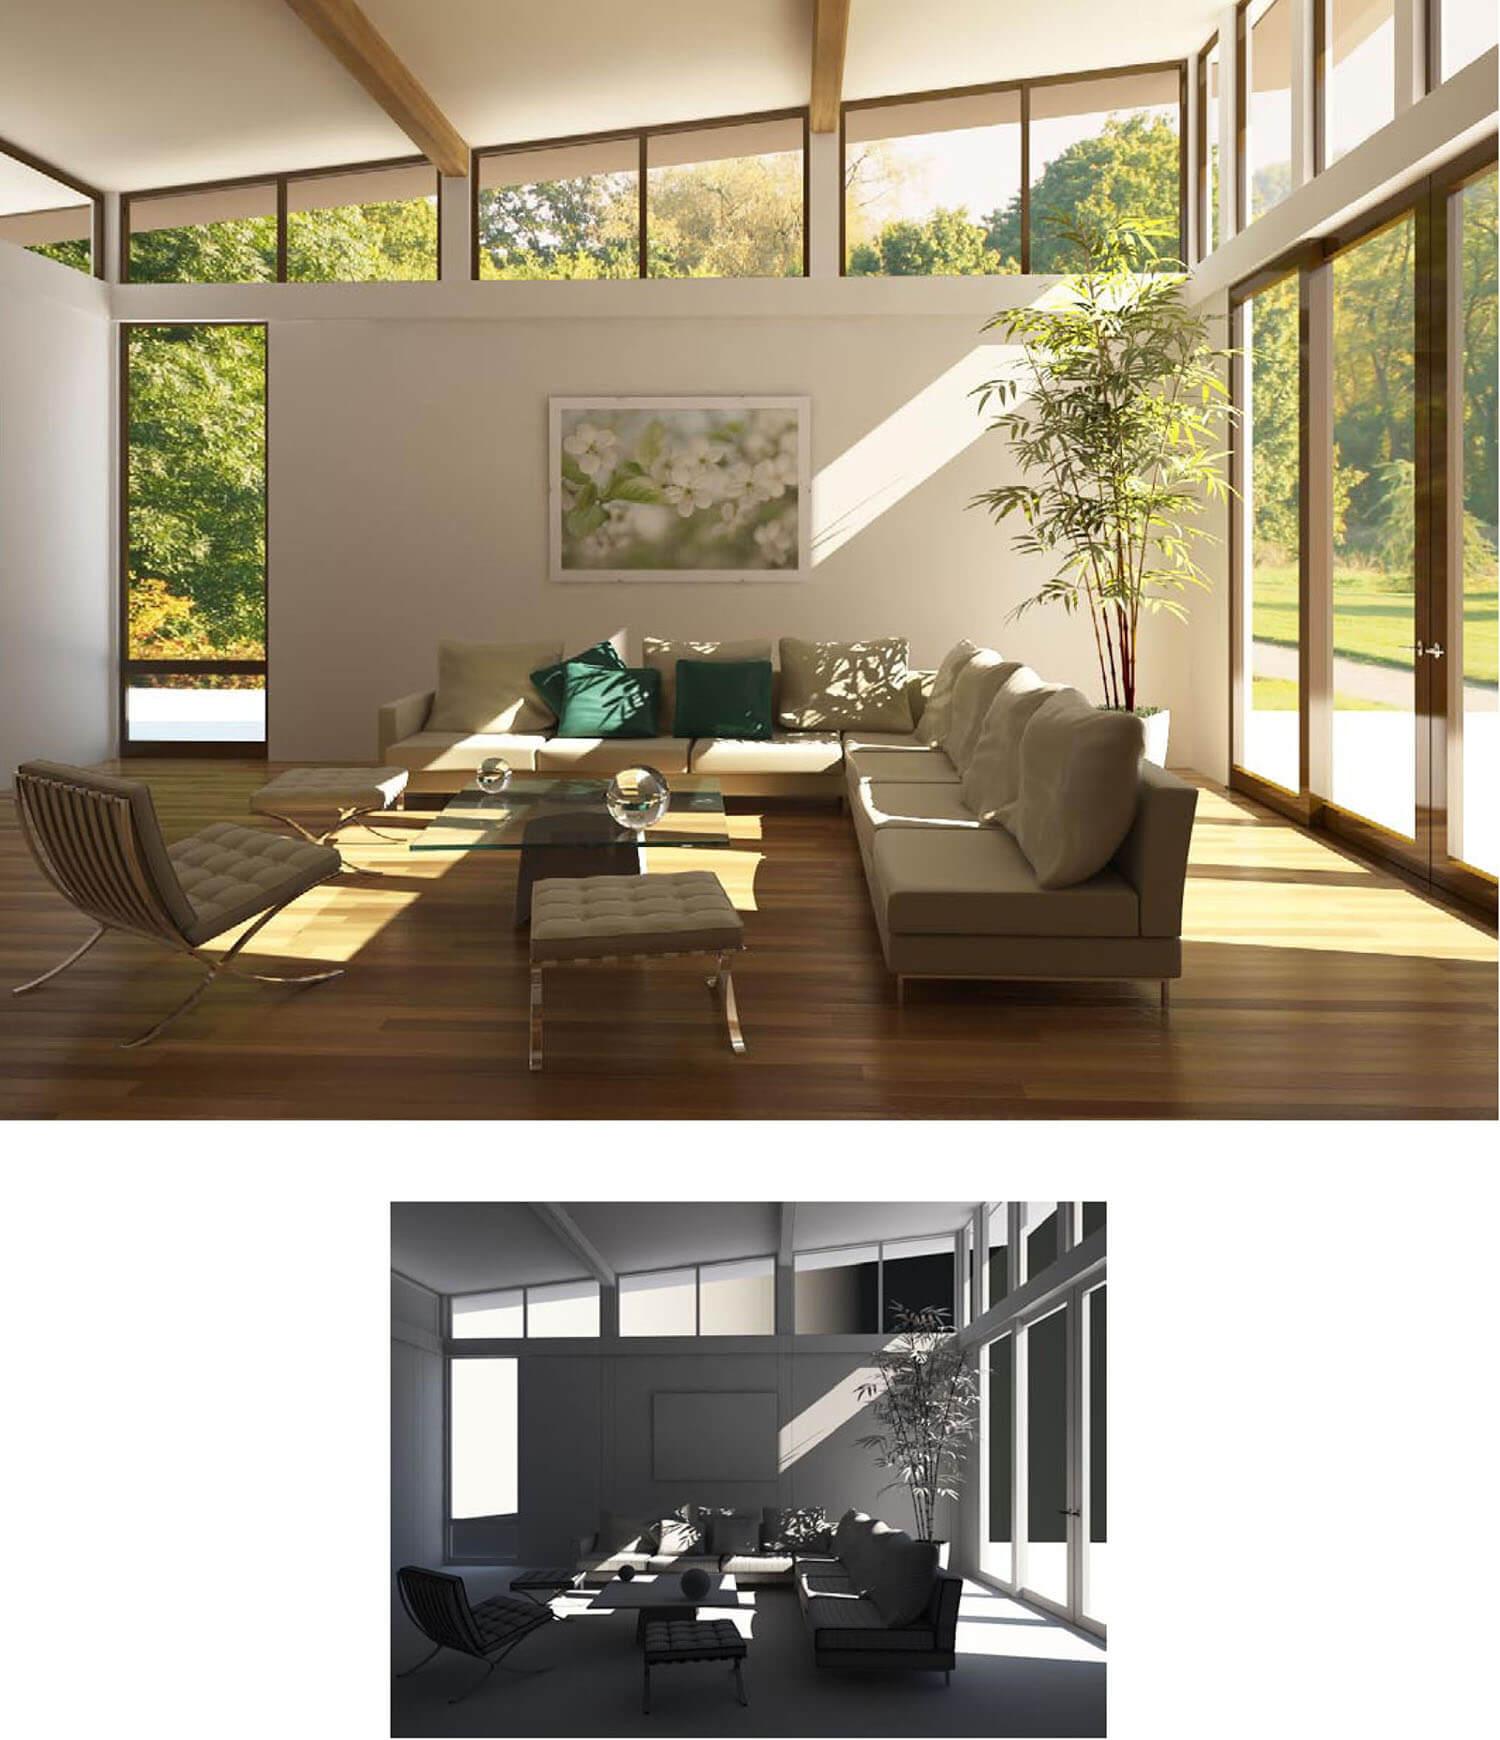 mẫu thiết kế phòng khách sử dụng các vách và ô cửa kính tạo tầm nhìn tươi mát